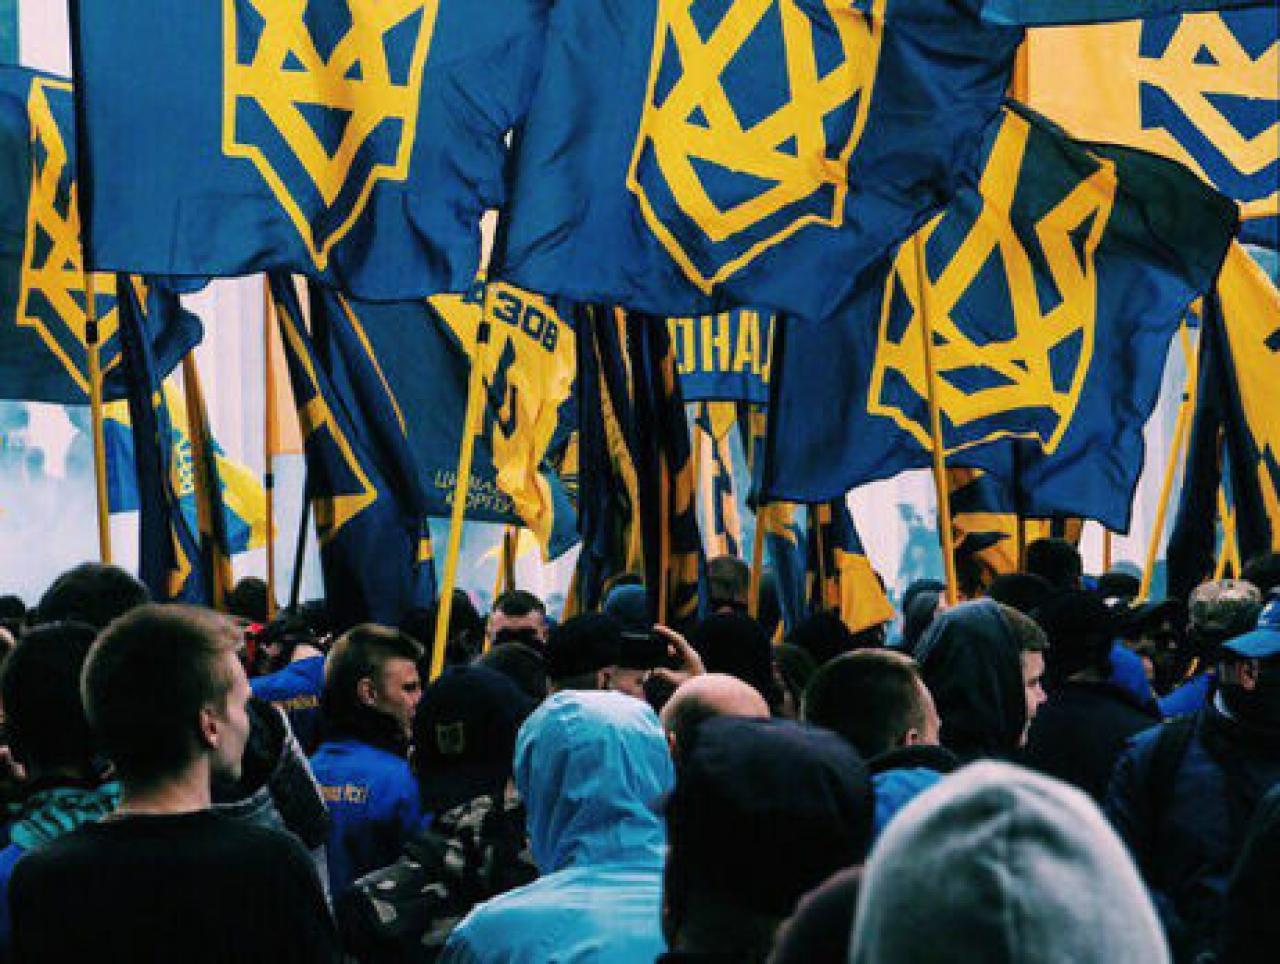 """""""Выслать консула Венгрии!"""" - активисты из """"Нацкорпуса"""" устроили массовую акцию возле МИДа - кадры"""